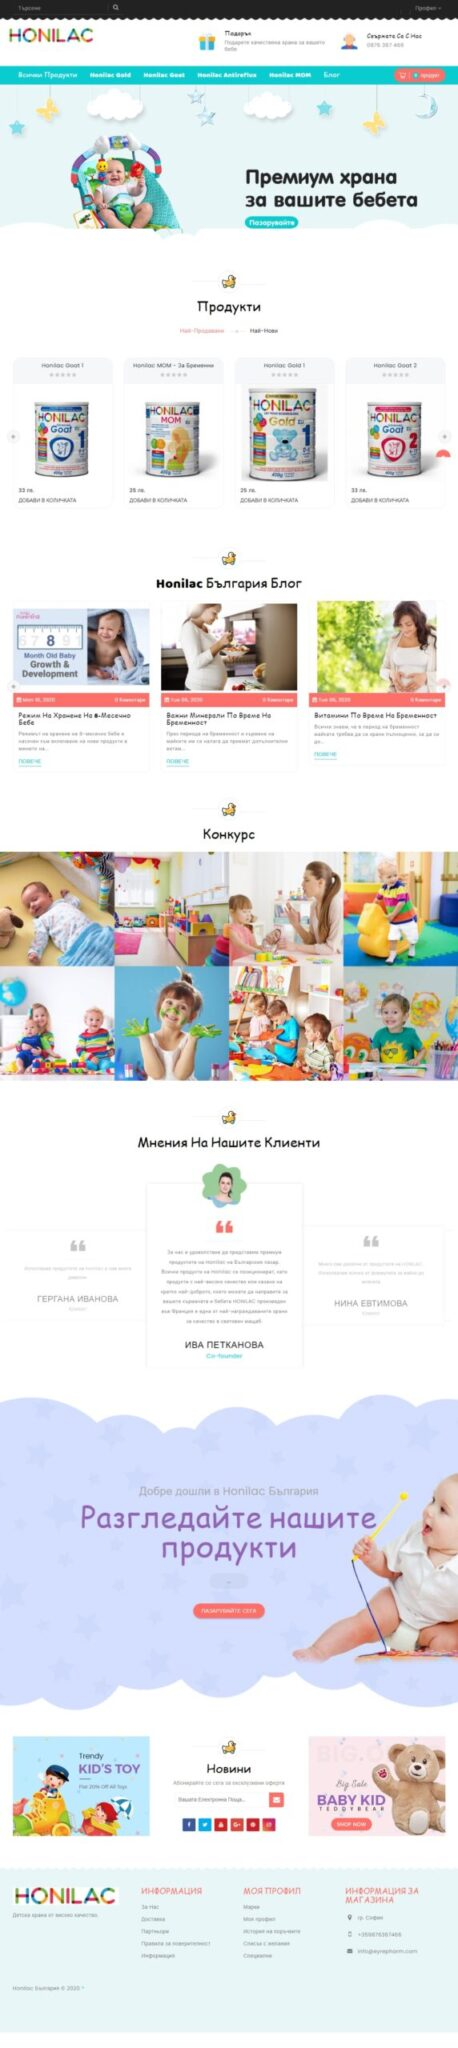 Изработна на онлайн магазин HONILAC.bg храни за бебета и витамини за майки - СЕО.БГ